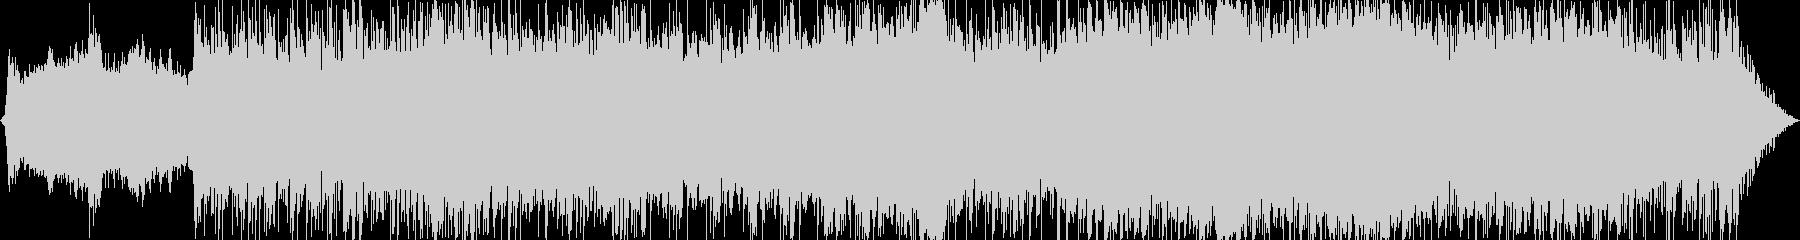 ゲーム用素材/ダンジョン・神殿・魔王城の未再生の波形